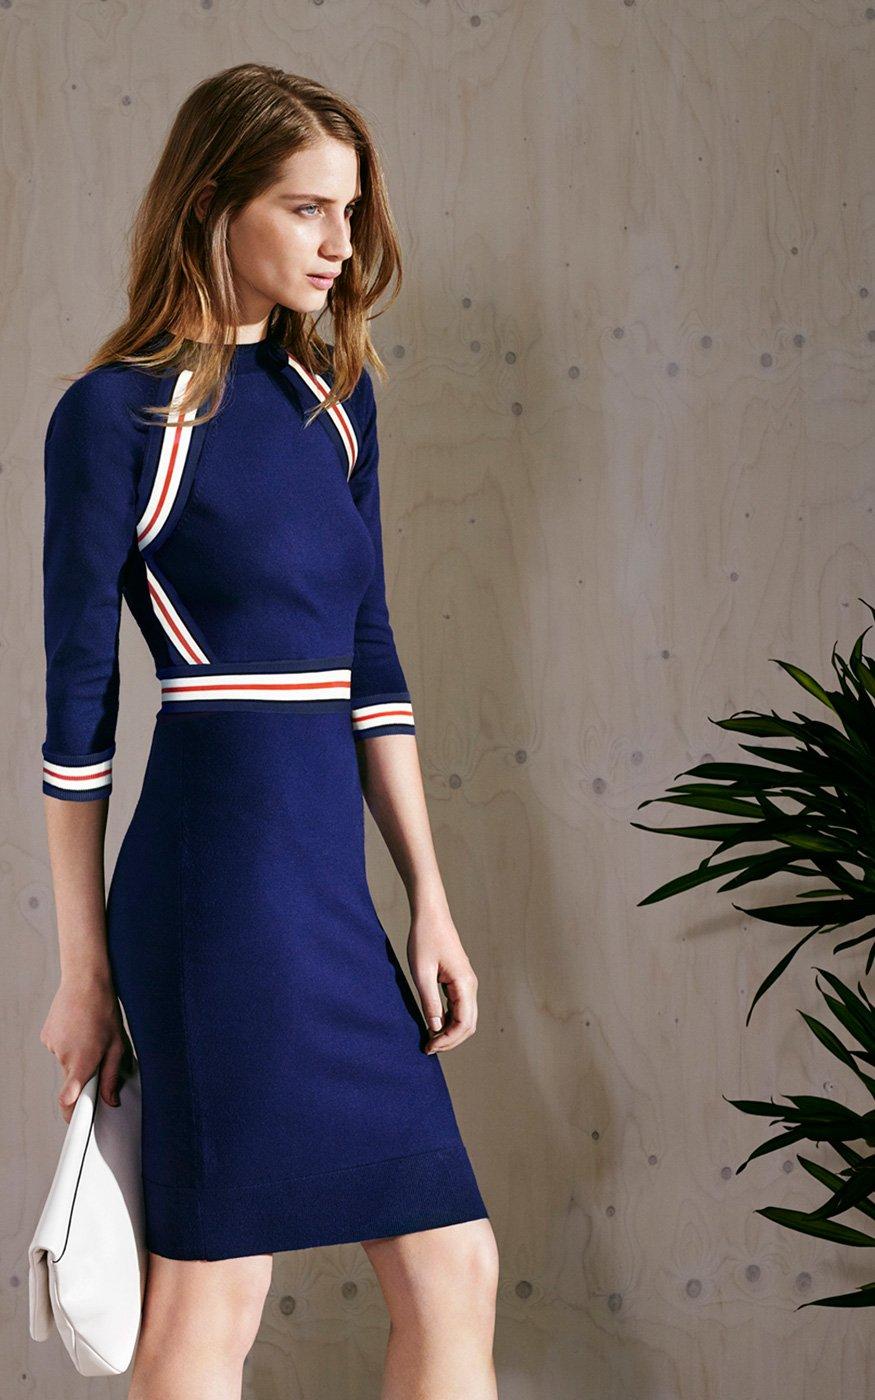 Blue Dress Shirt Women